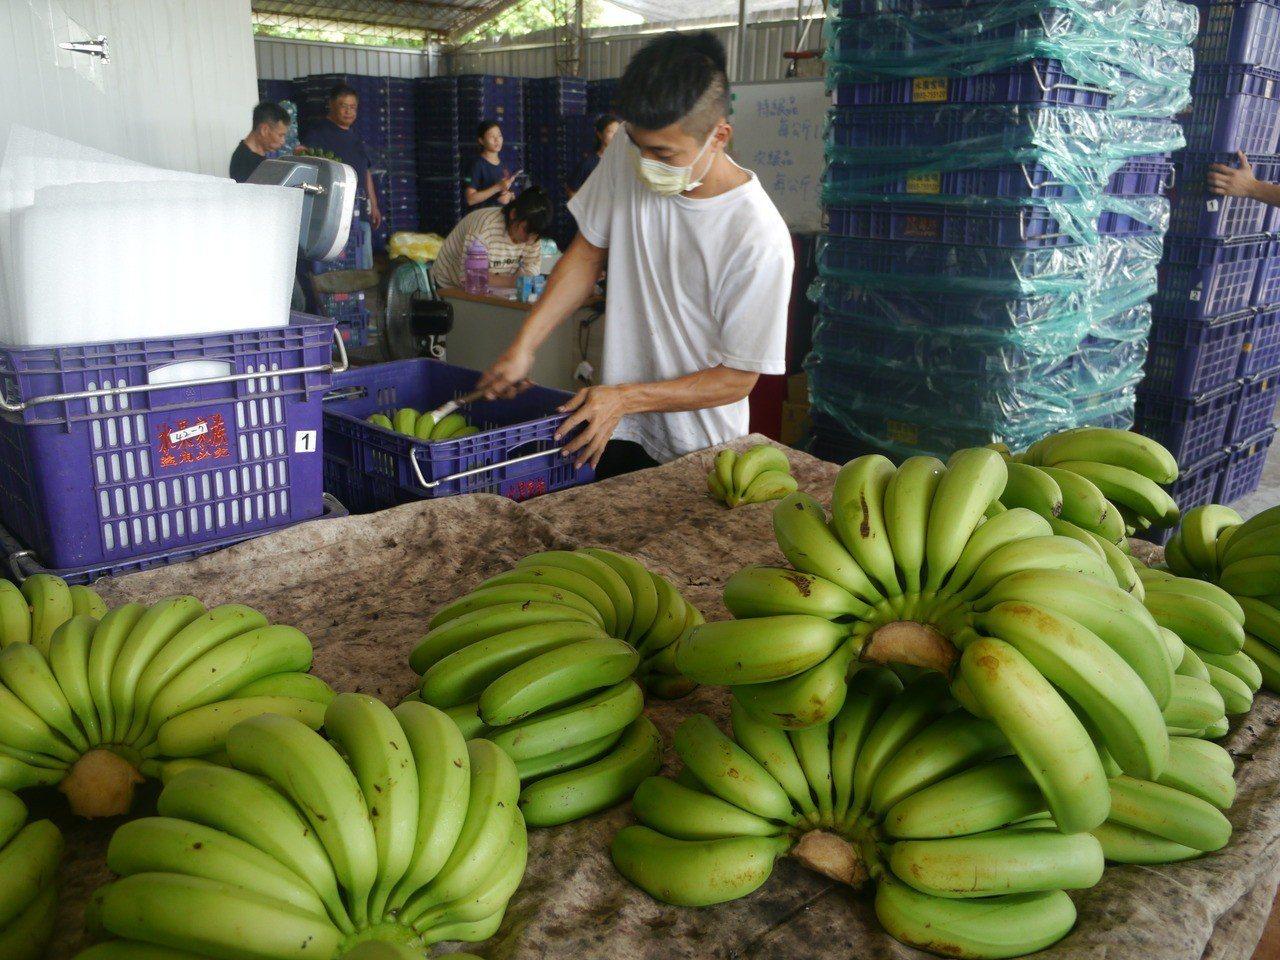 農委會啟動格外品採購,高市旗山集貨場一堆香蕉等著處理。記者徐白櫻/攝影